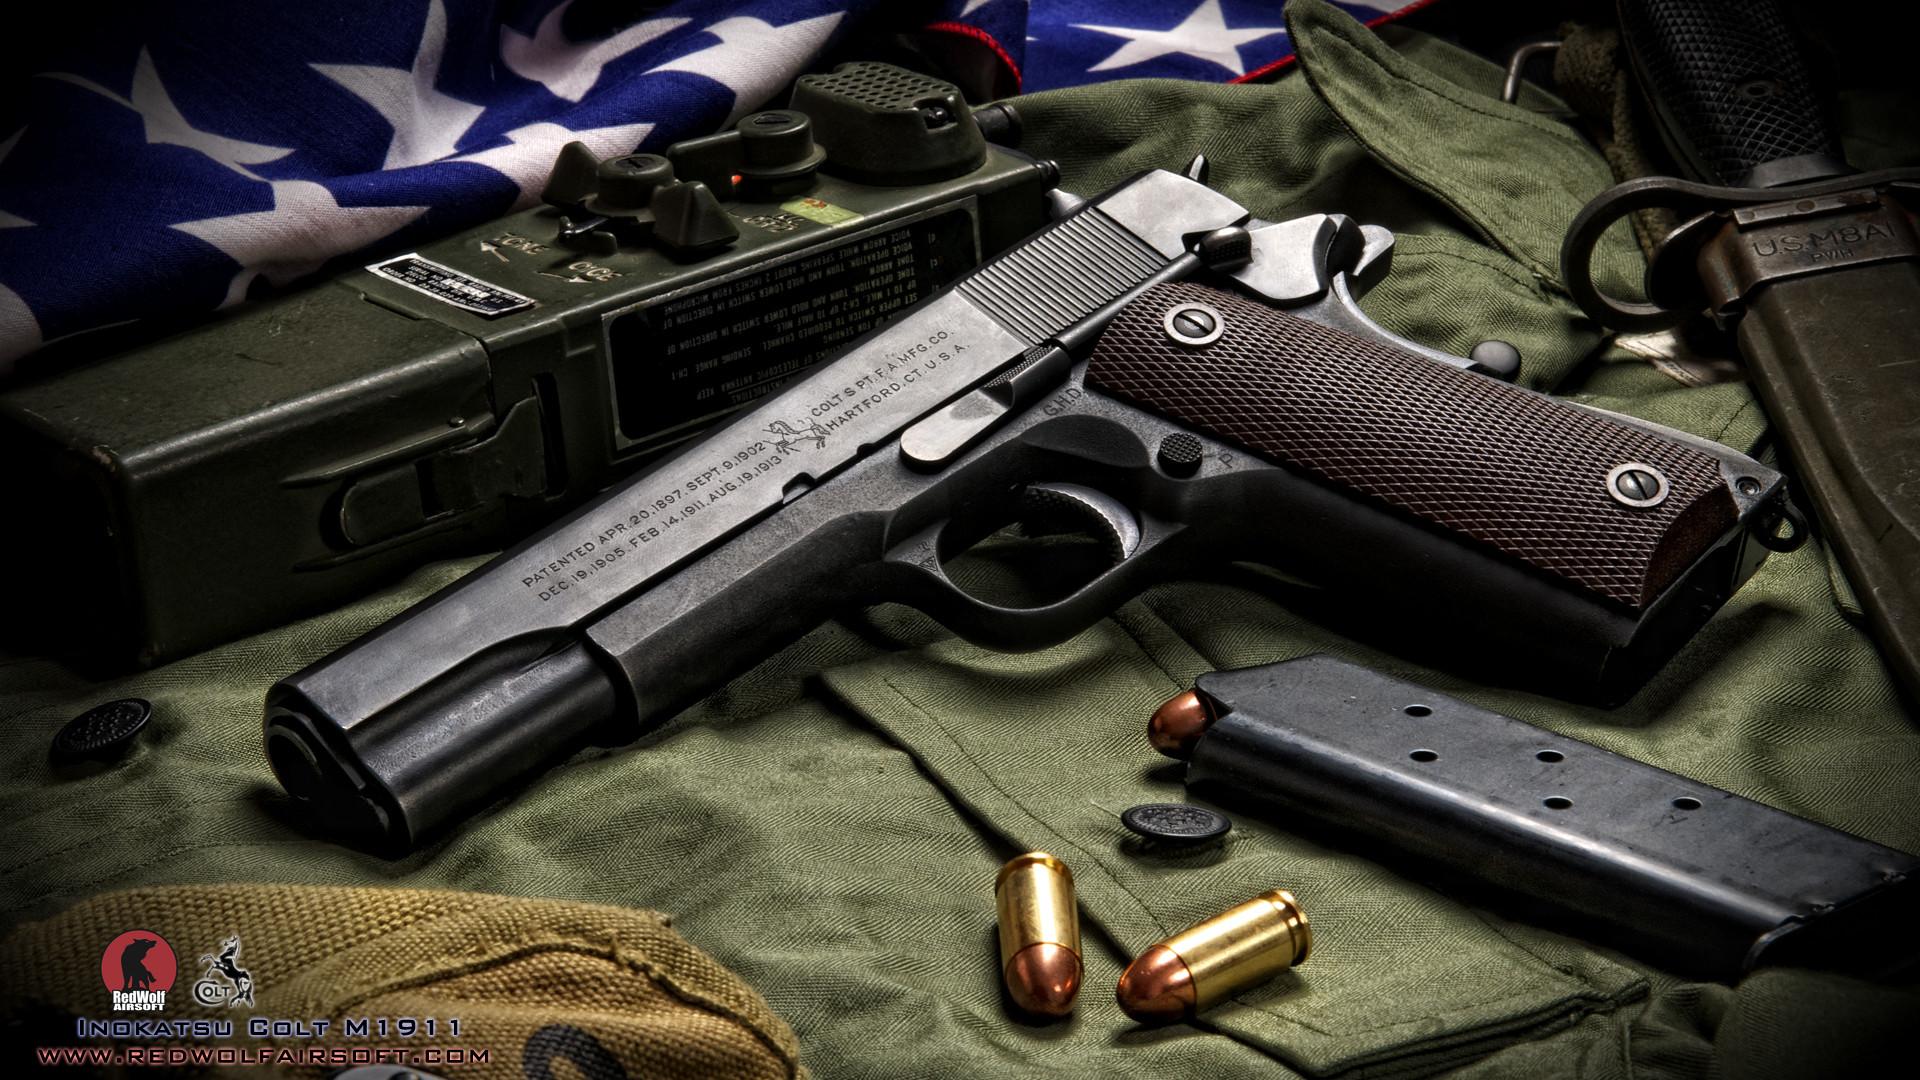 Автомат, нож и пистолет  № 3465030  скачать